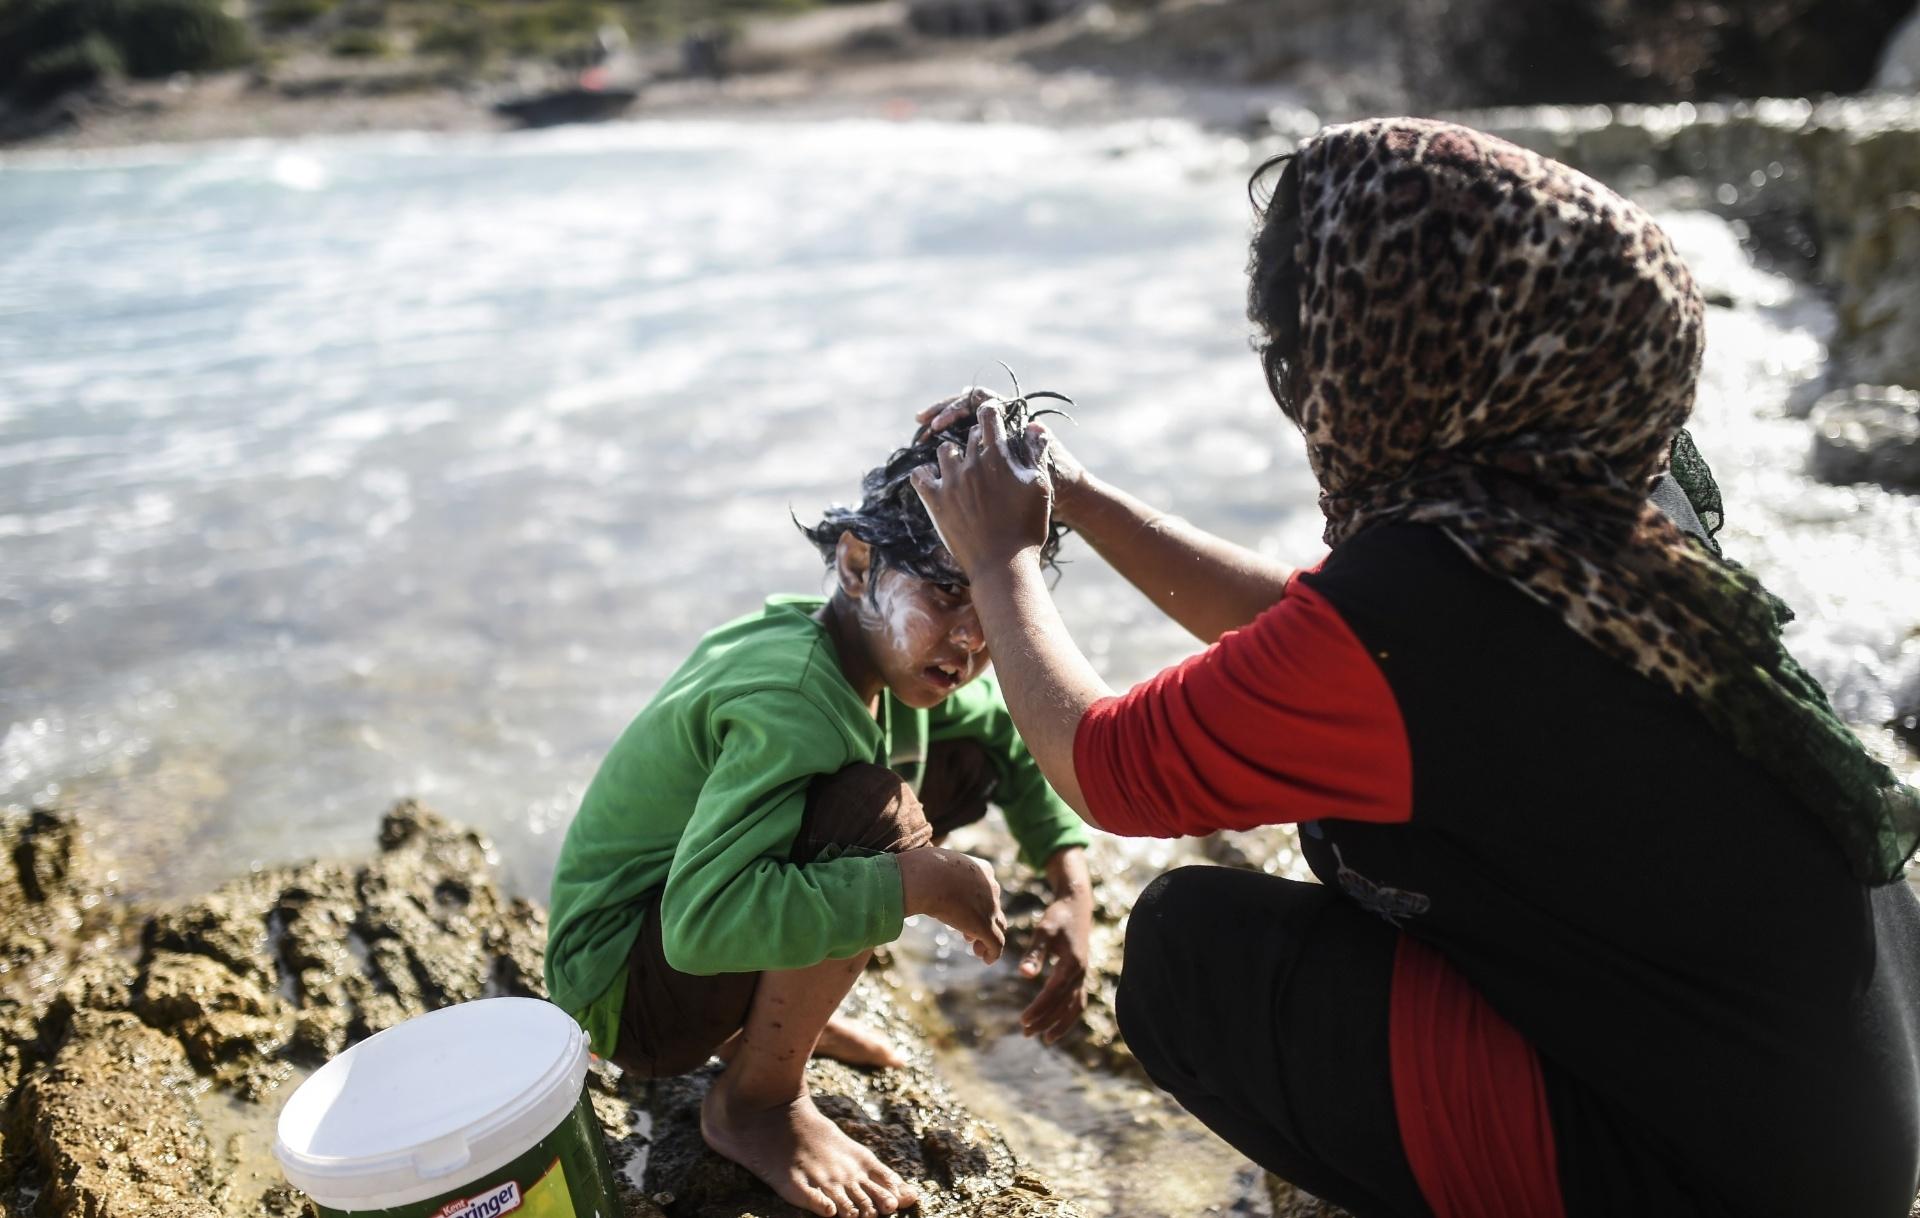 3.nov.2015 - Mãe lava o cabelo de seu filho enquanto eles esperam na província turca de Izmir para seguir viagem rumo à Grécia. A Anistia Internacional criticou o fracasso da Europa em conter as mortes de imigrantes no mar Egeu, onde milhares de refugiados atravessam da Turquia para chegar ao continente